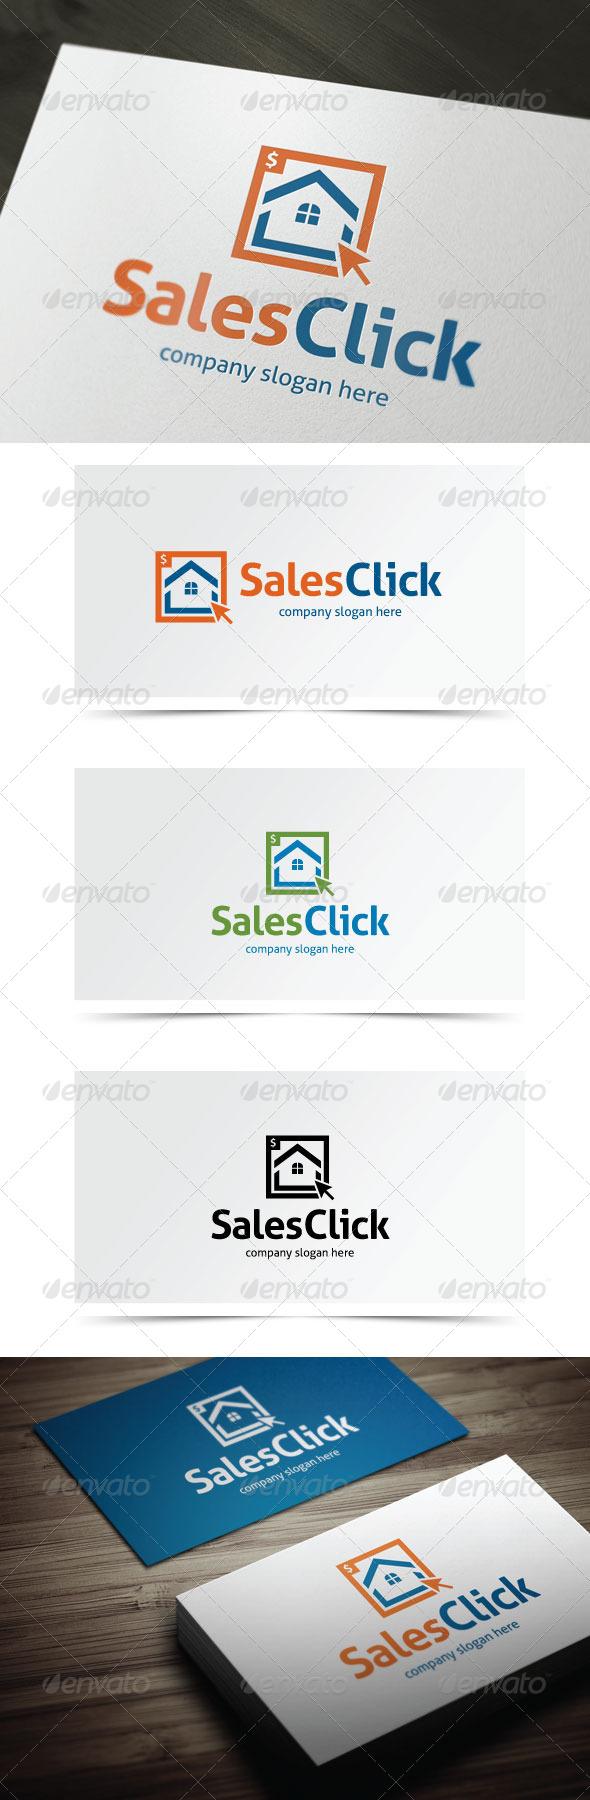 Sales Click